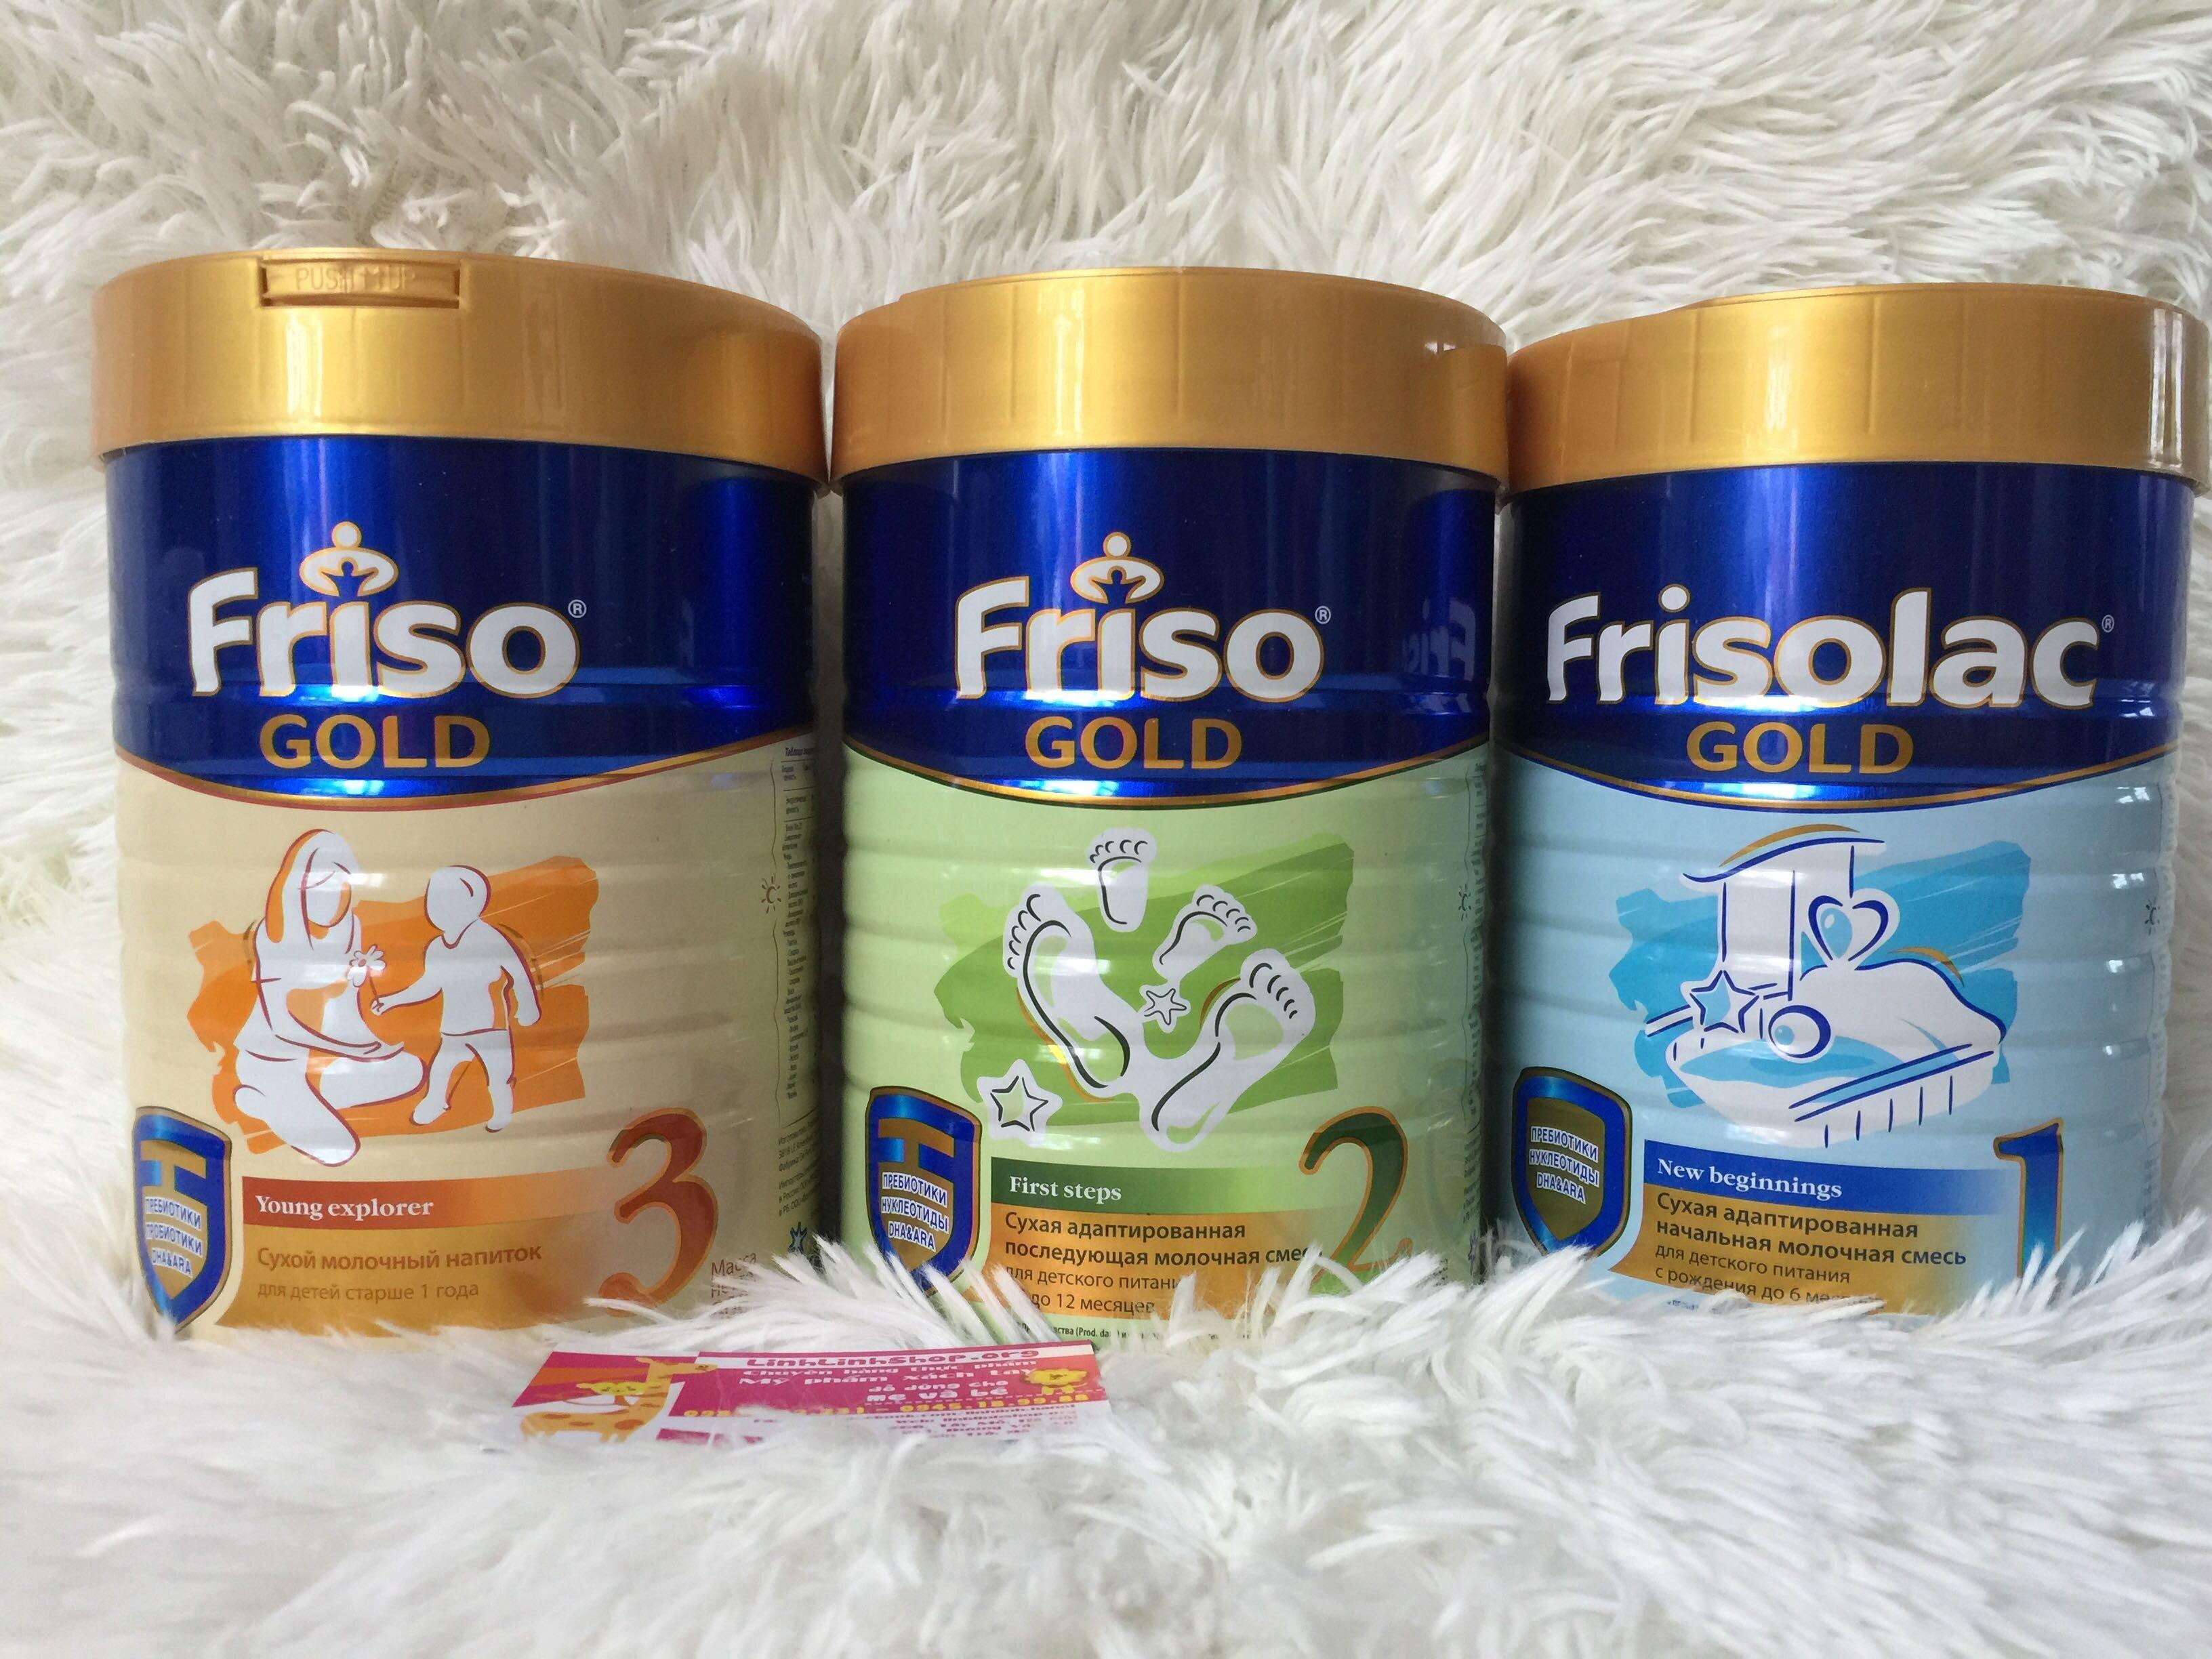 Sữa Friso hỗ trợ bé trong nhiều giai đoạn khác nhau